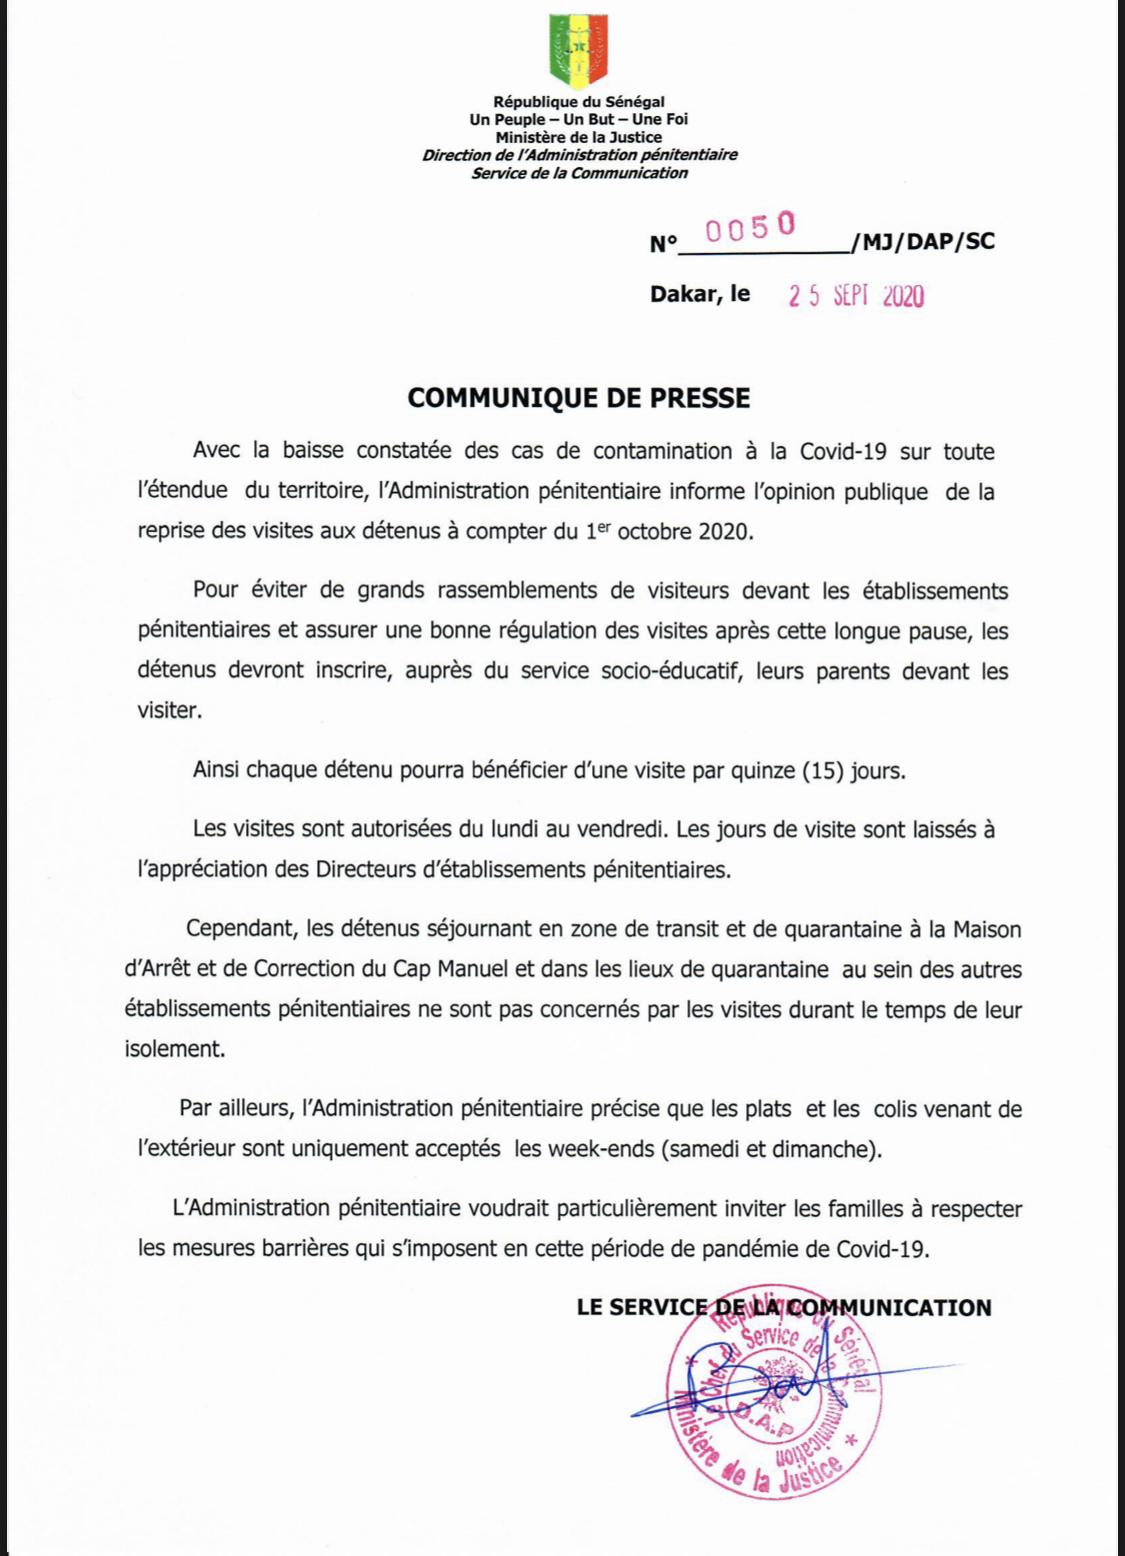 L'administration pénitentiaire annonce la reprise des visites aux détenus